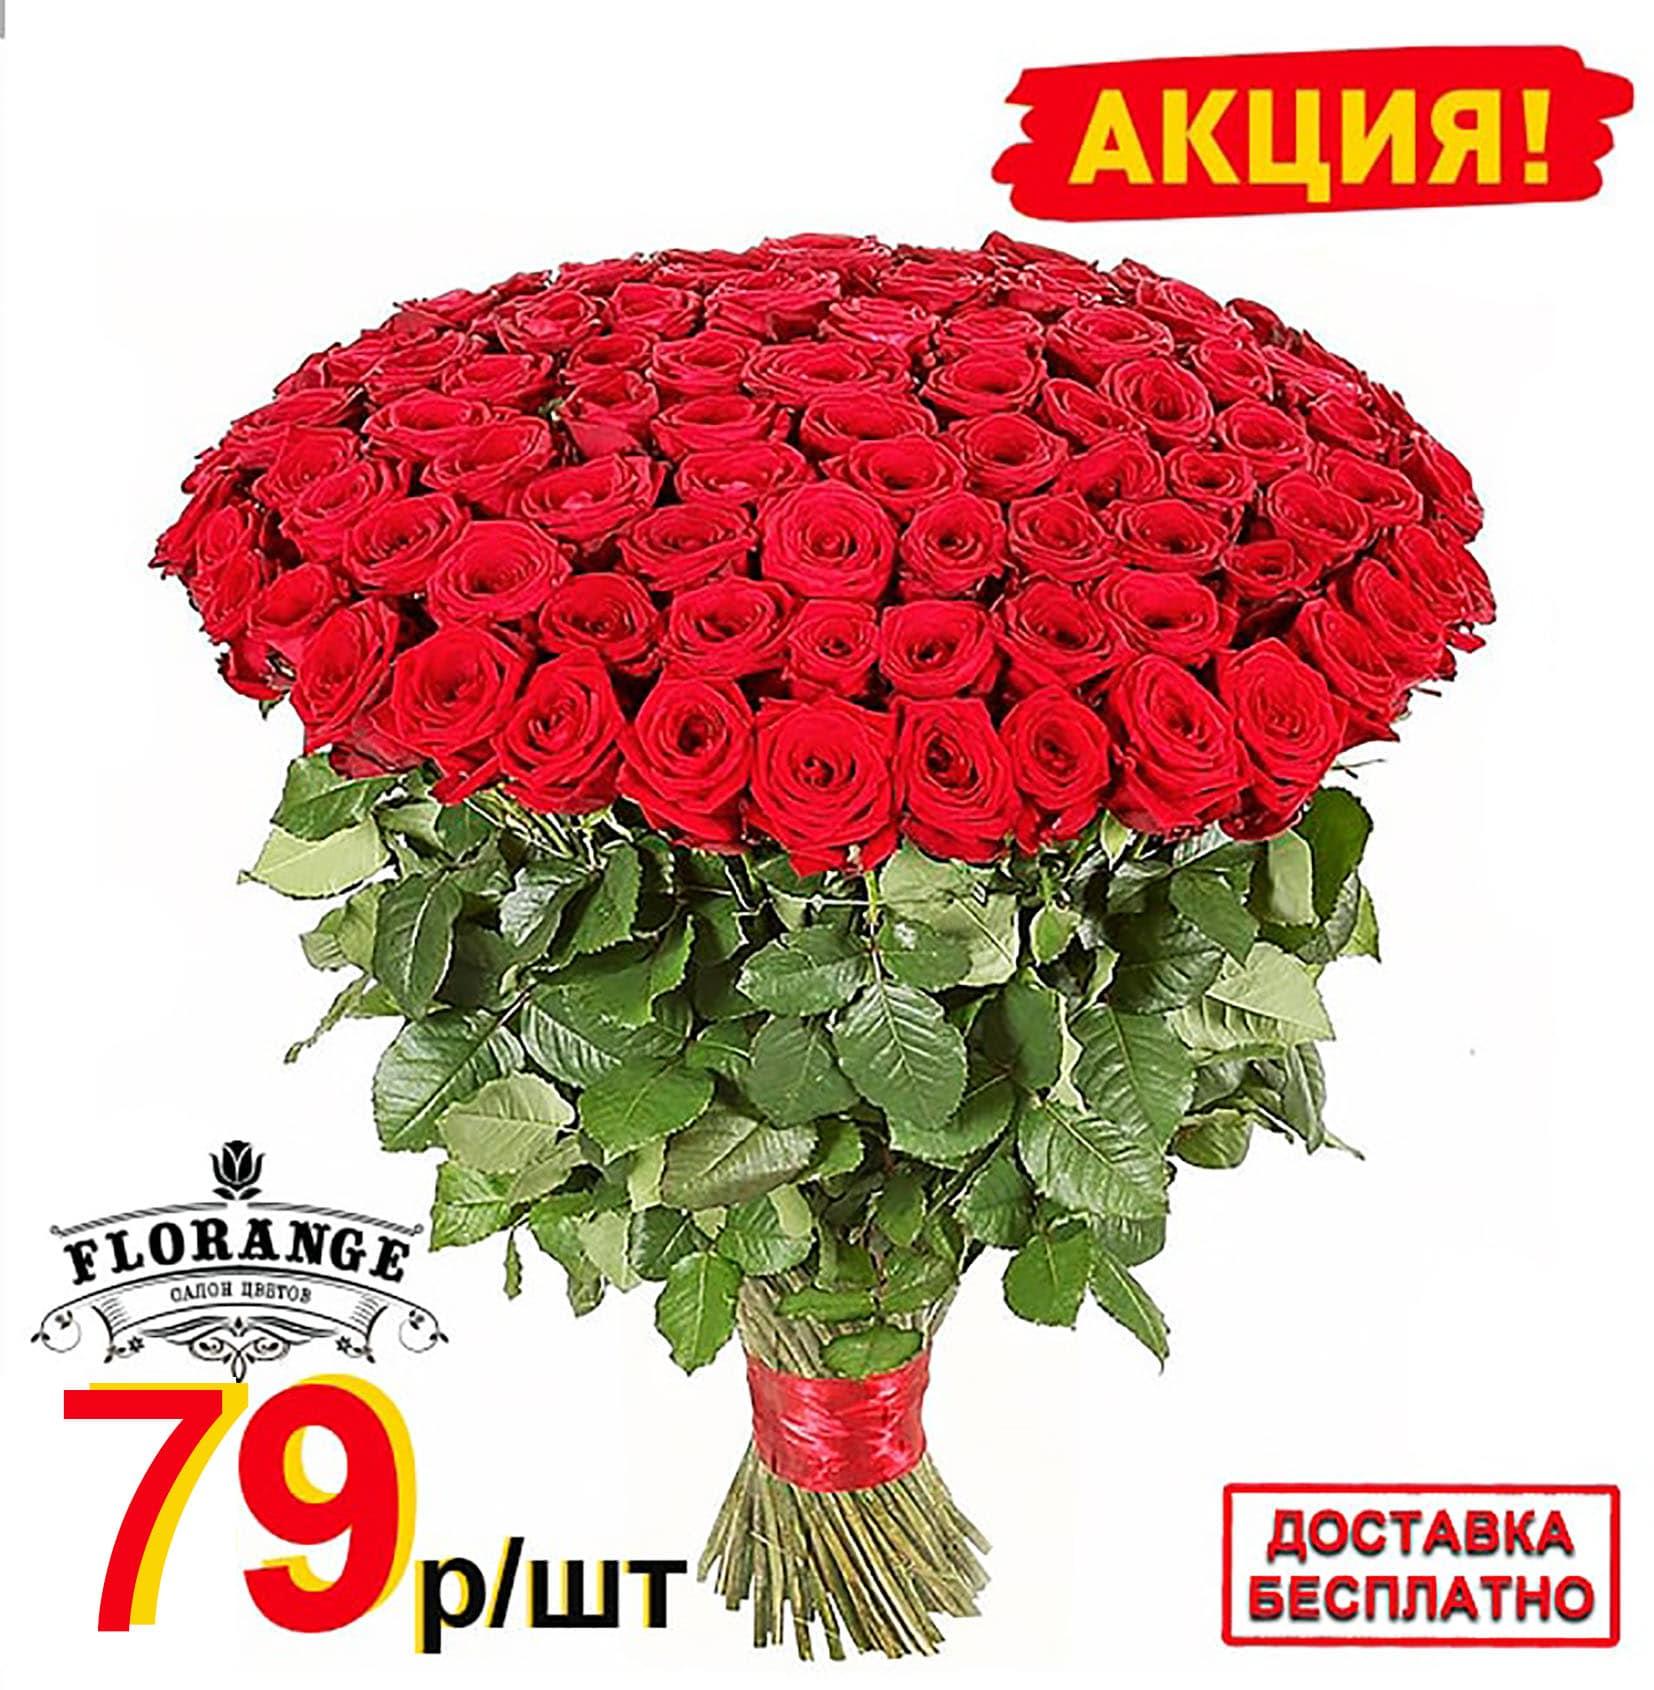 Салон цветов Florange / Грозный акция